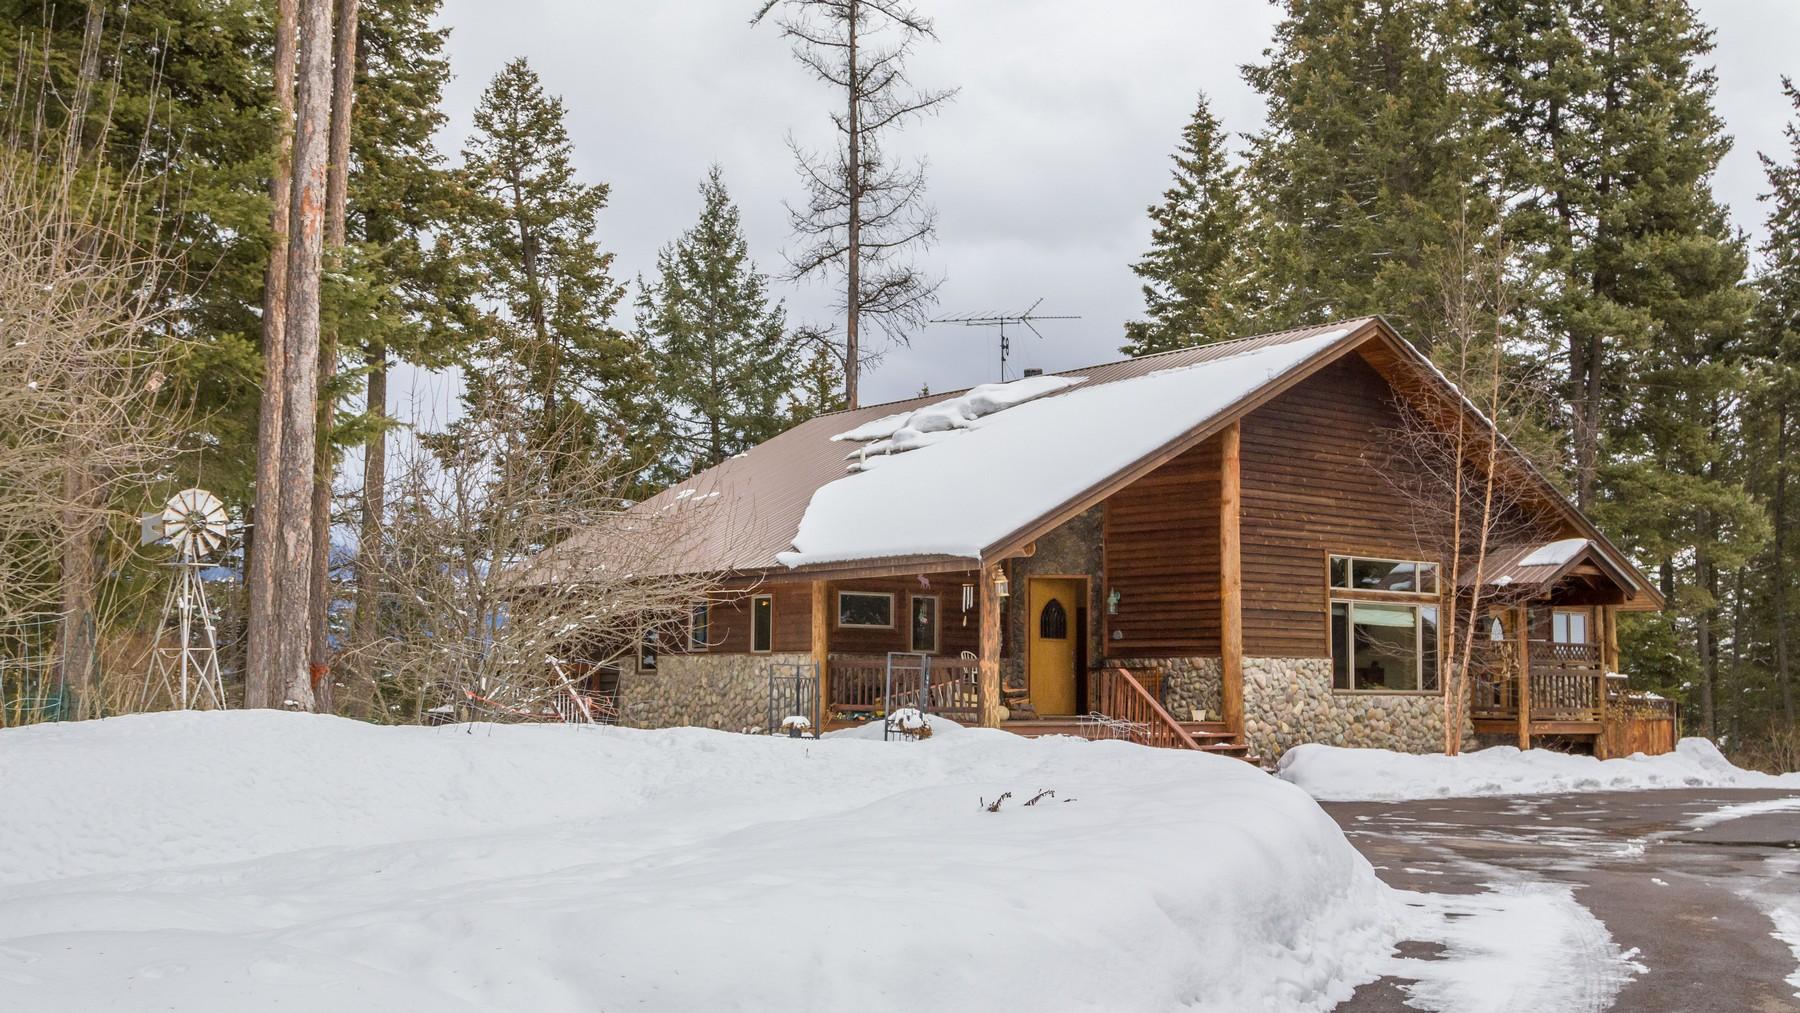 Einfamilienhaus für Verkauf beim 1014 La Brant Rd , Bigfork, MT 59911 1014 La Brant Rd Bigfork, Montana, 59911 Vereinigte Staaten